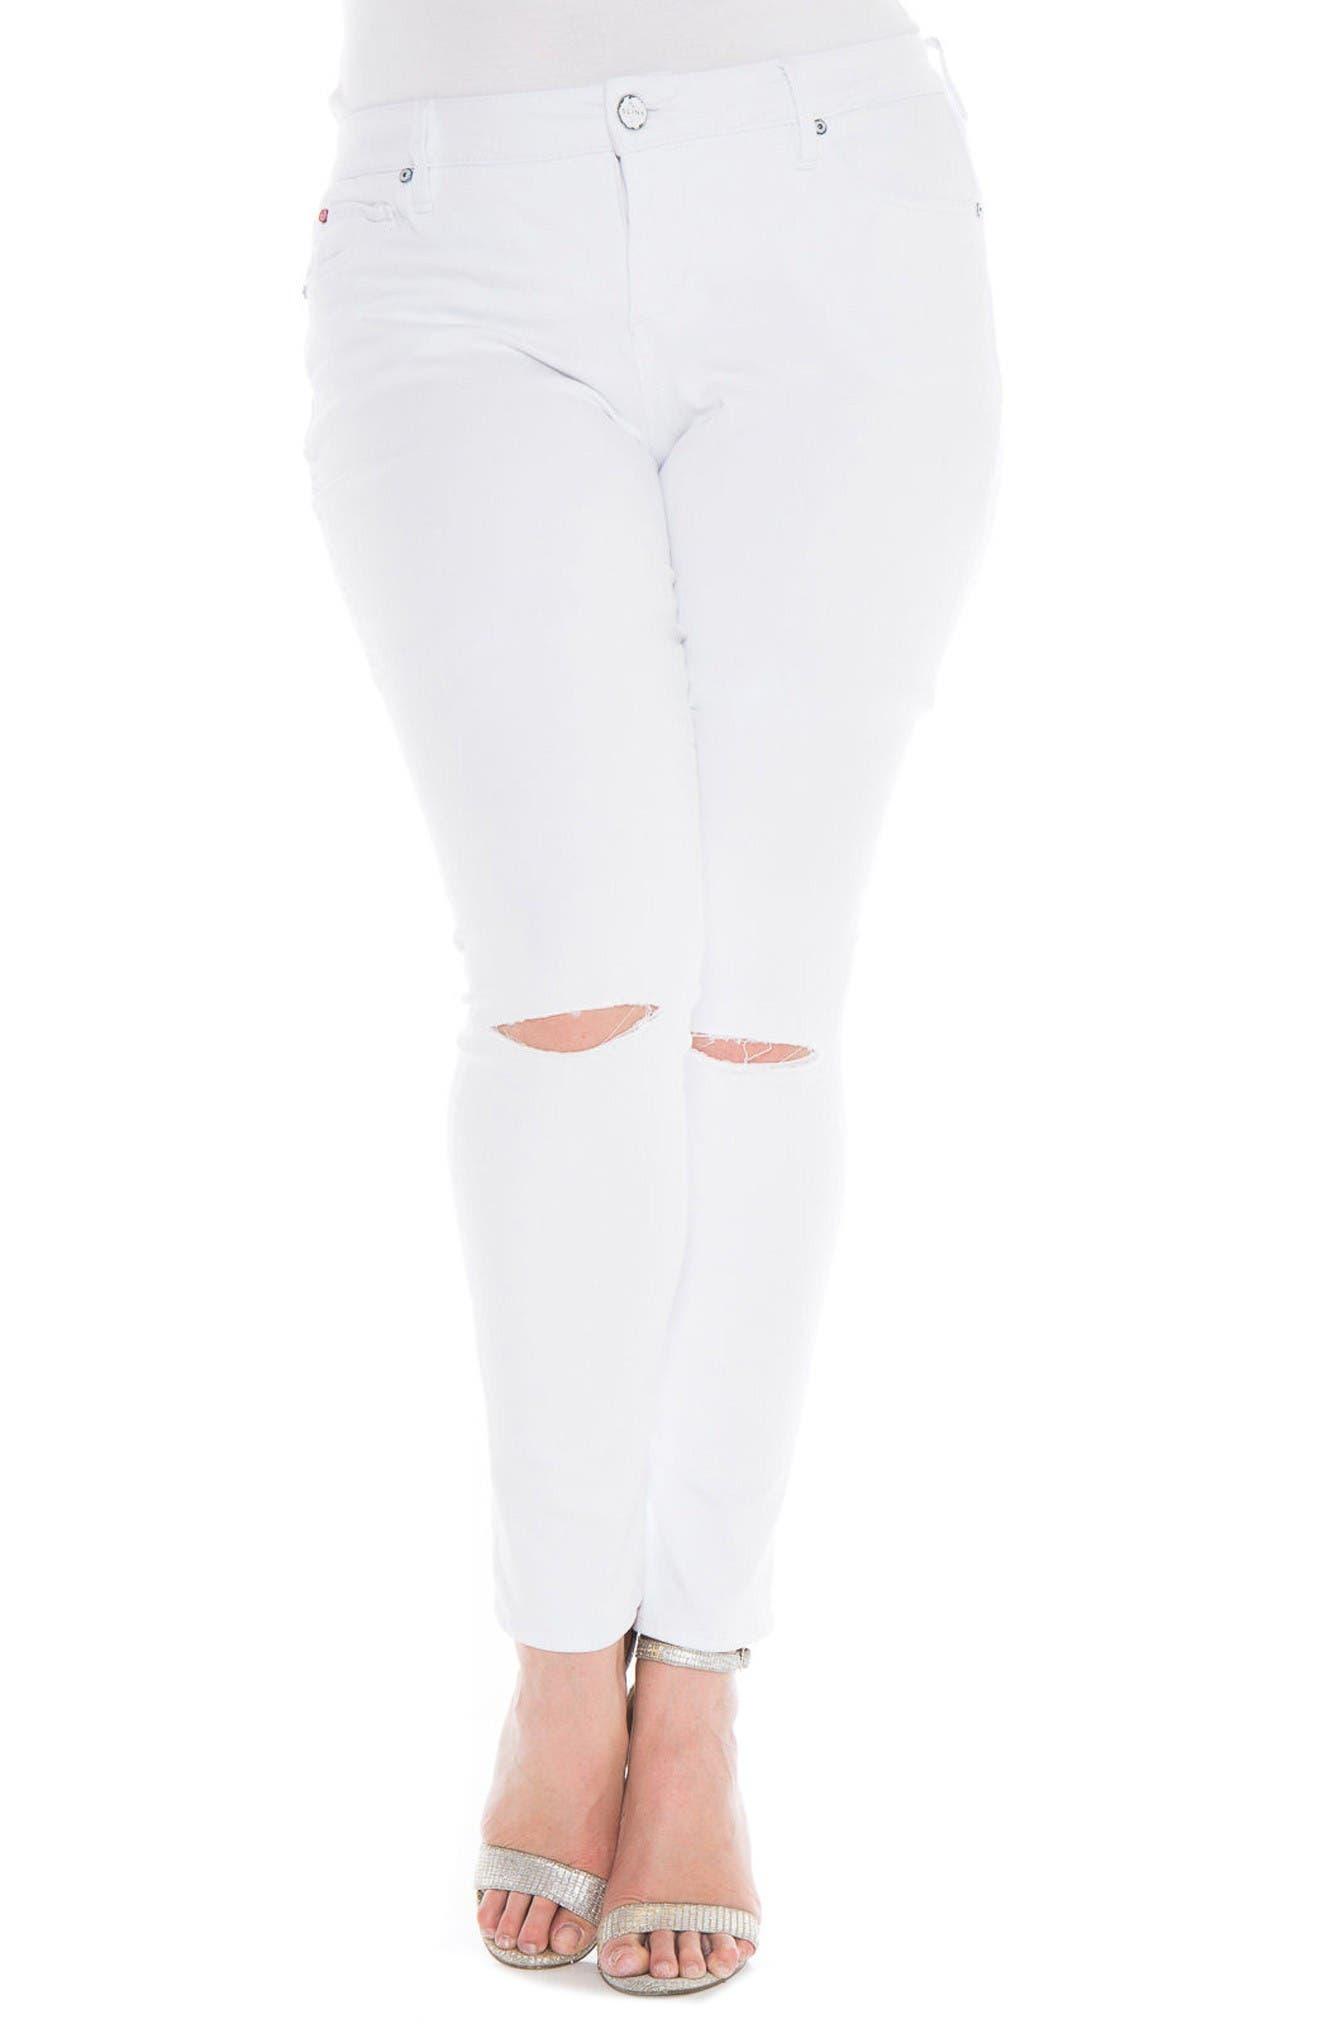 SLINK JEANS Slit Knee Skinny Jeans